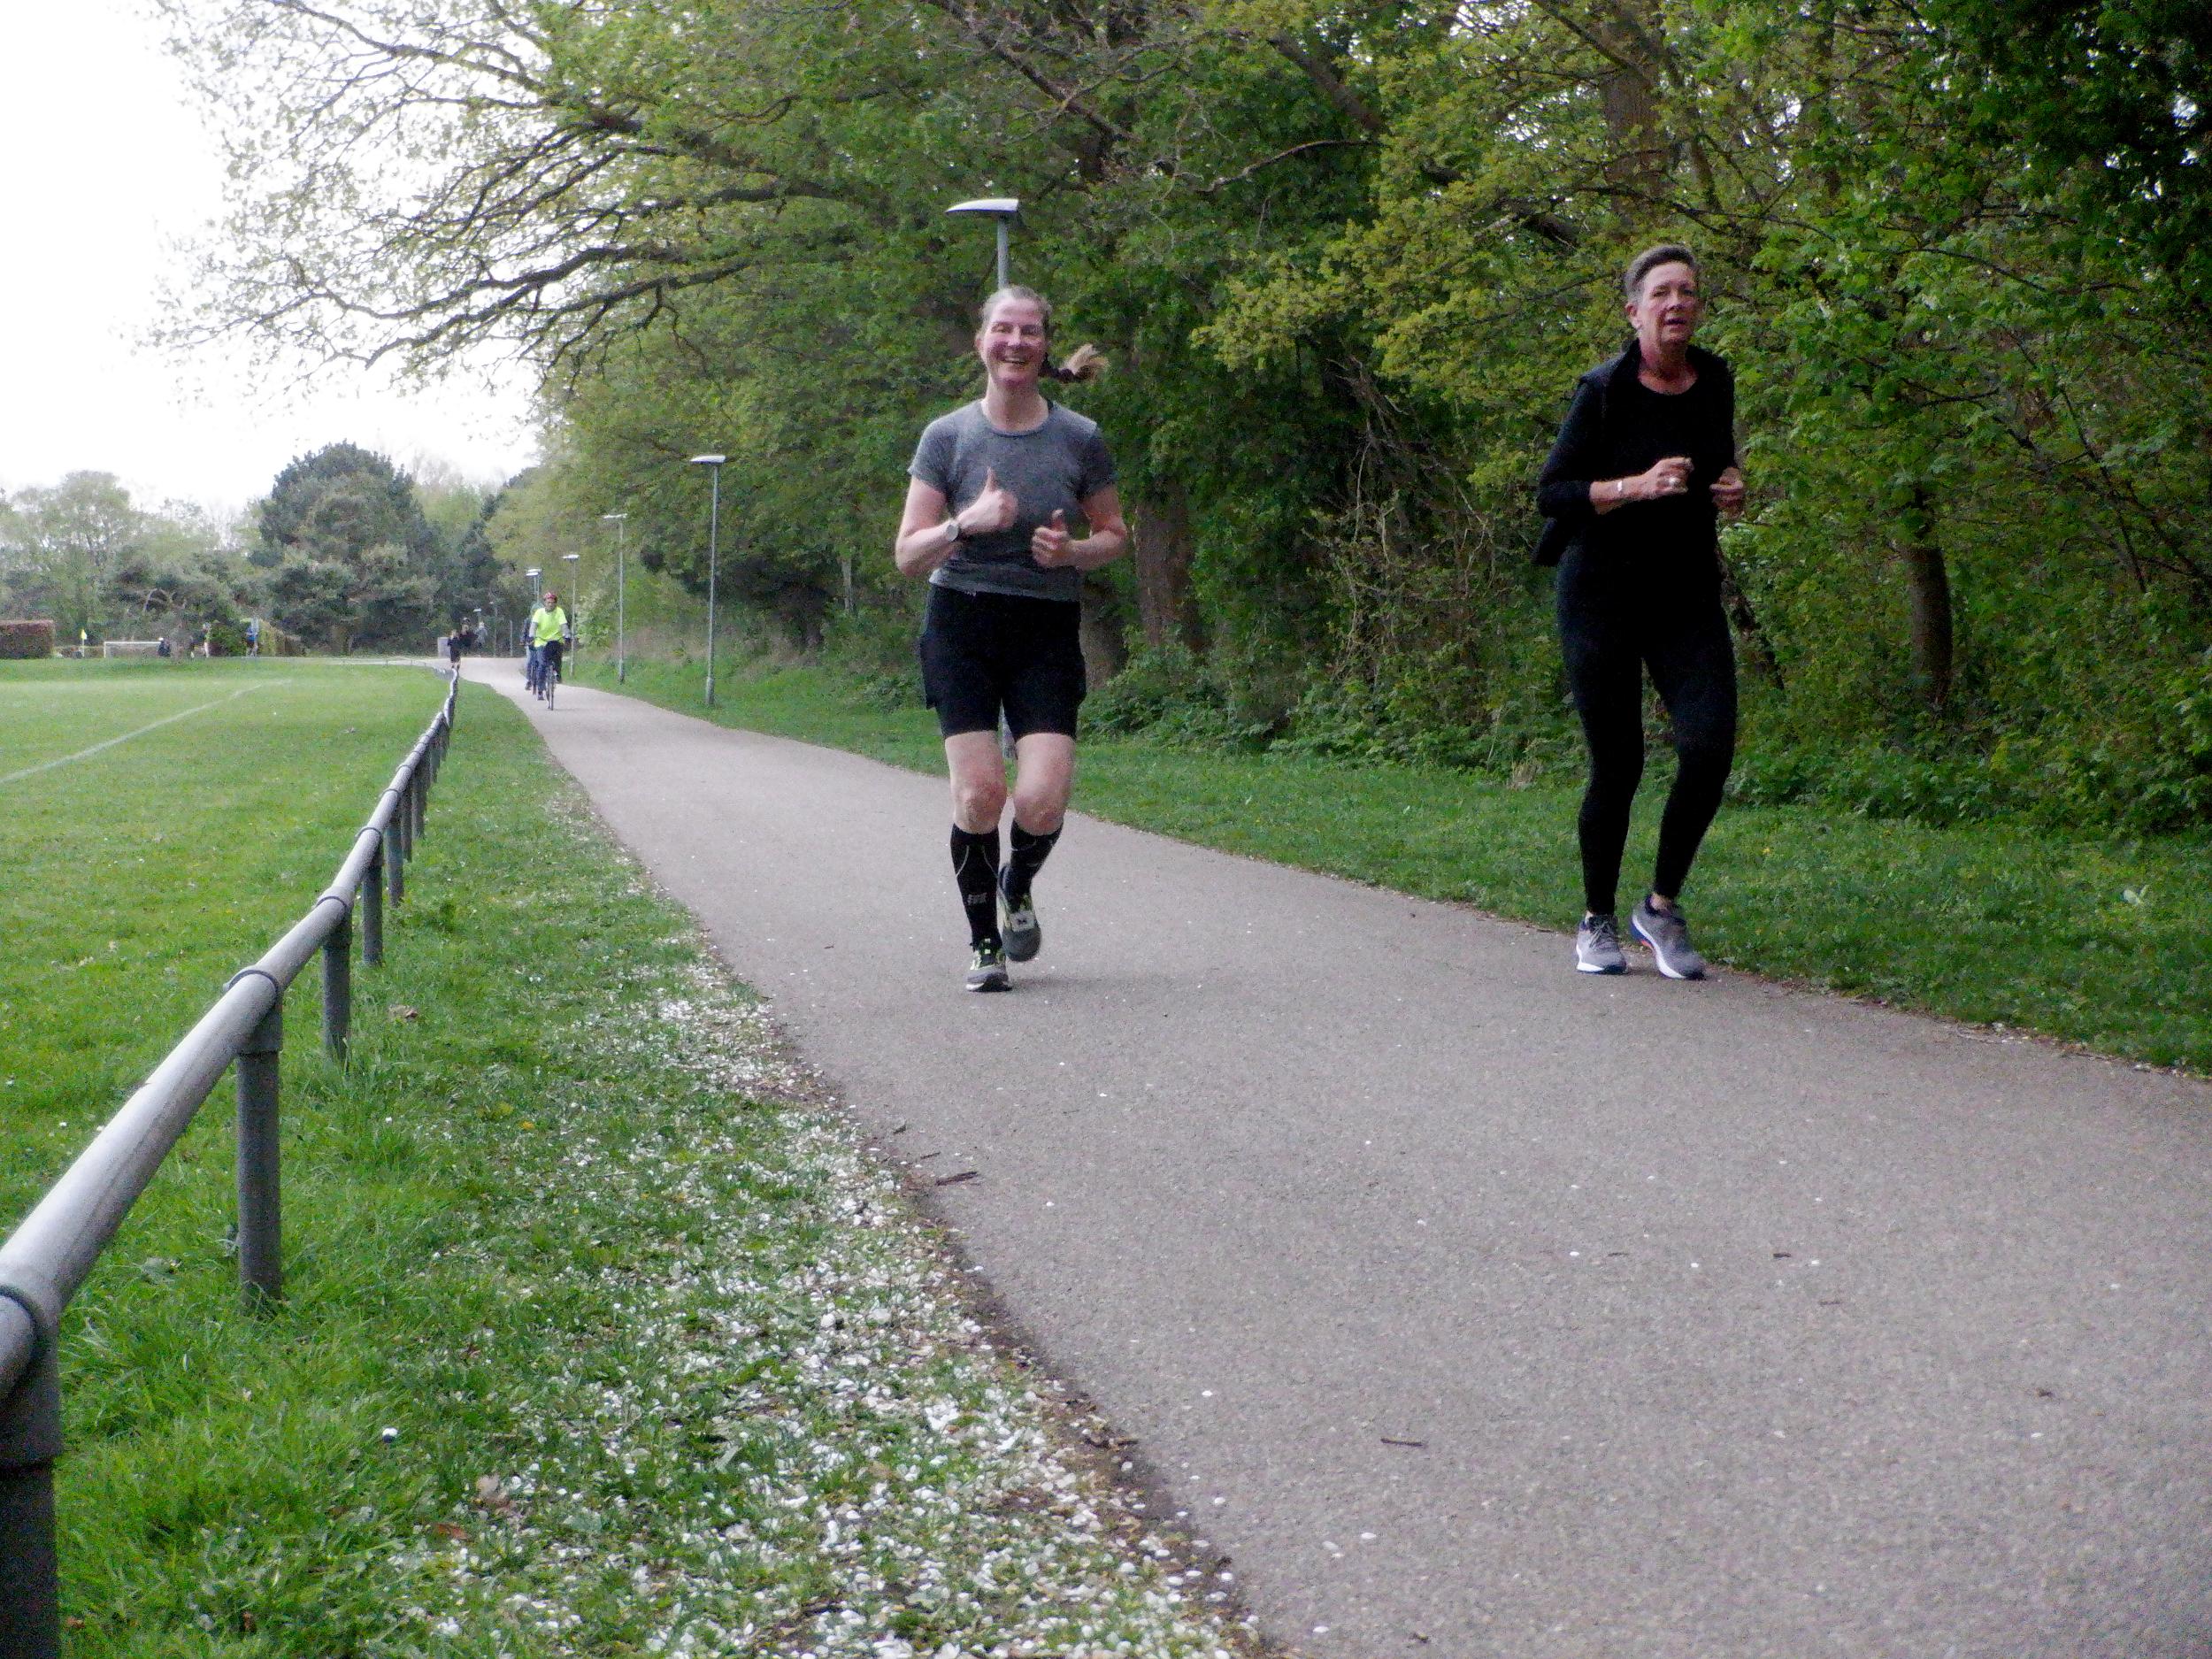 Et par løbere på asfaltsti